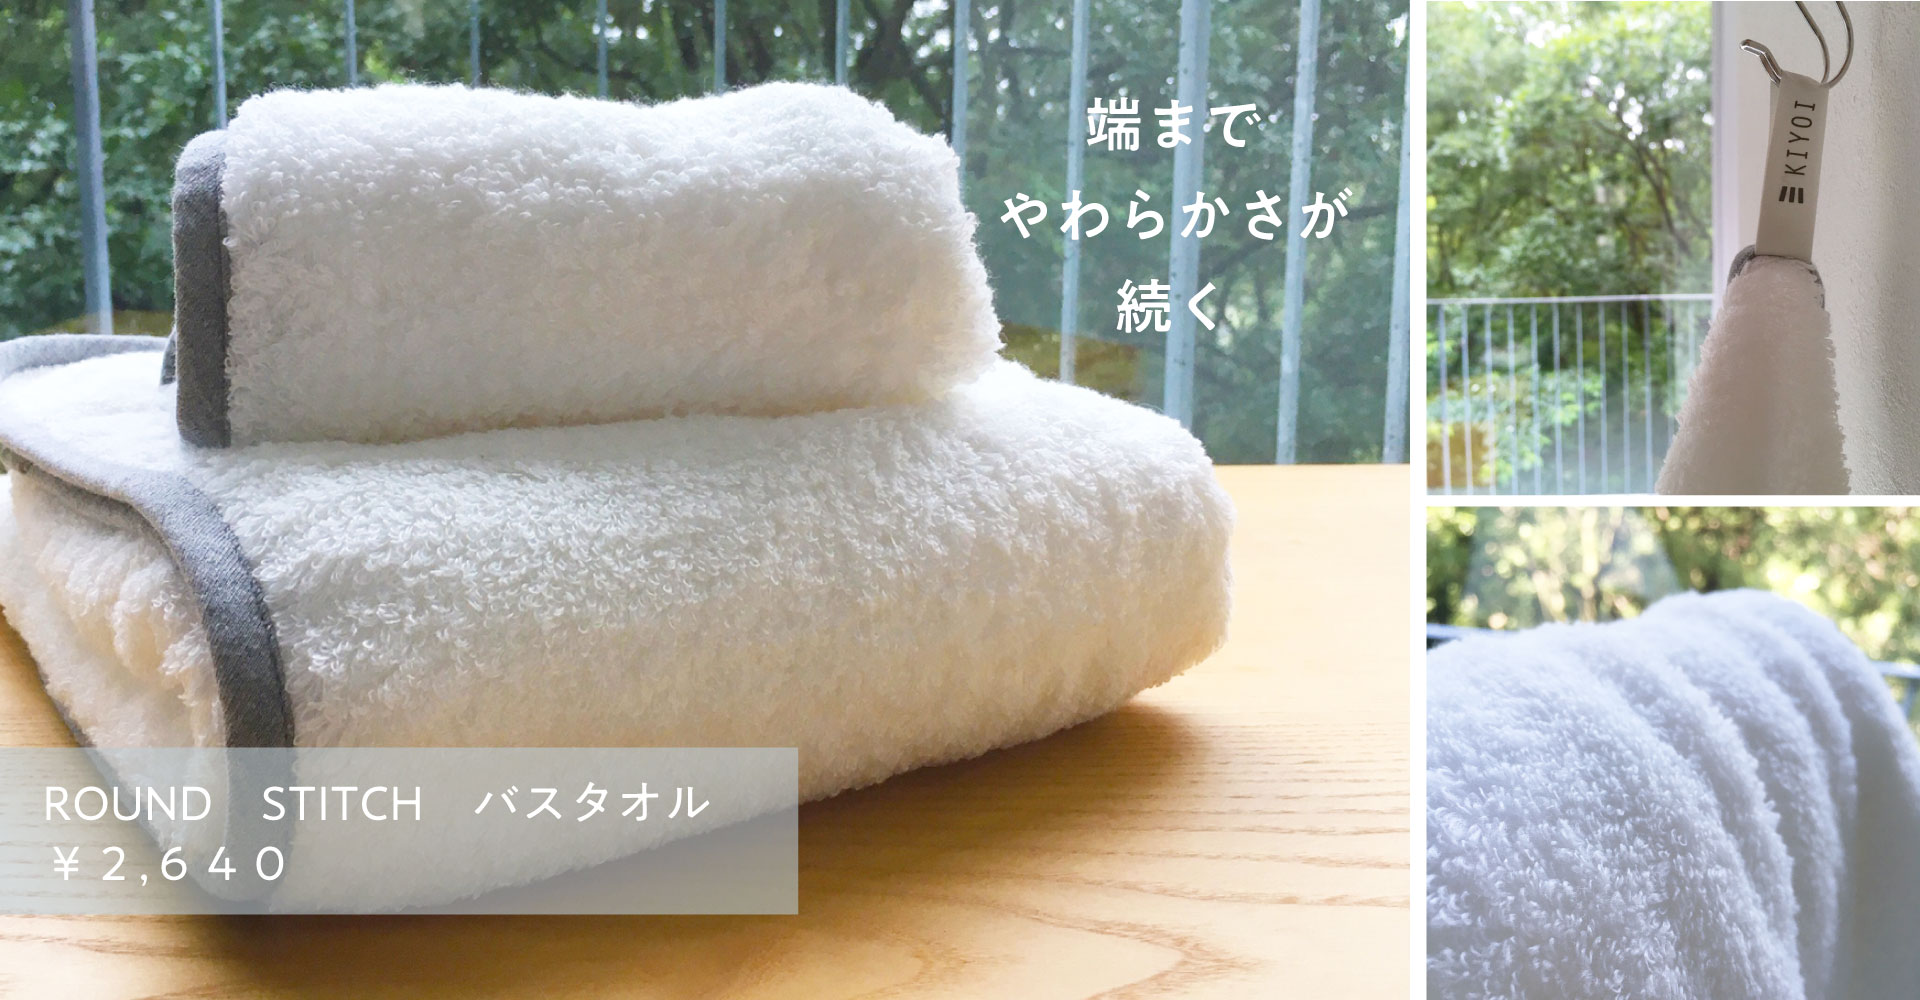 端までやわらかさが続く『Round Stichi バスタオル』¥2.640